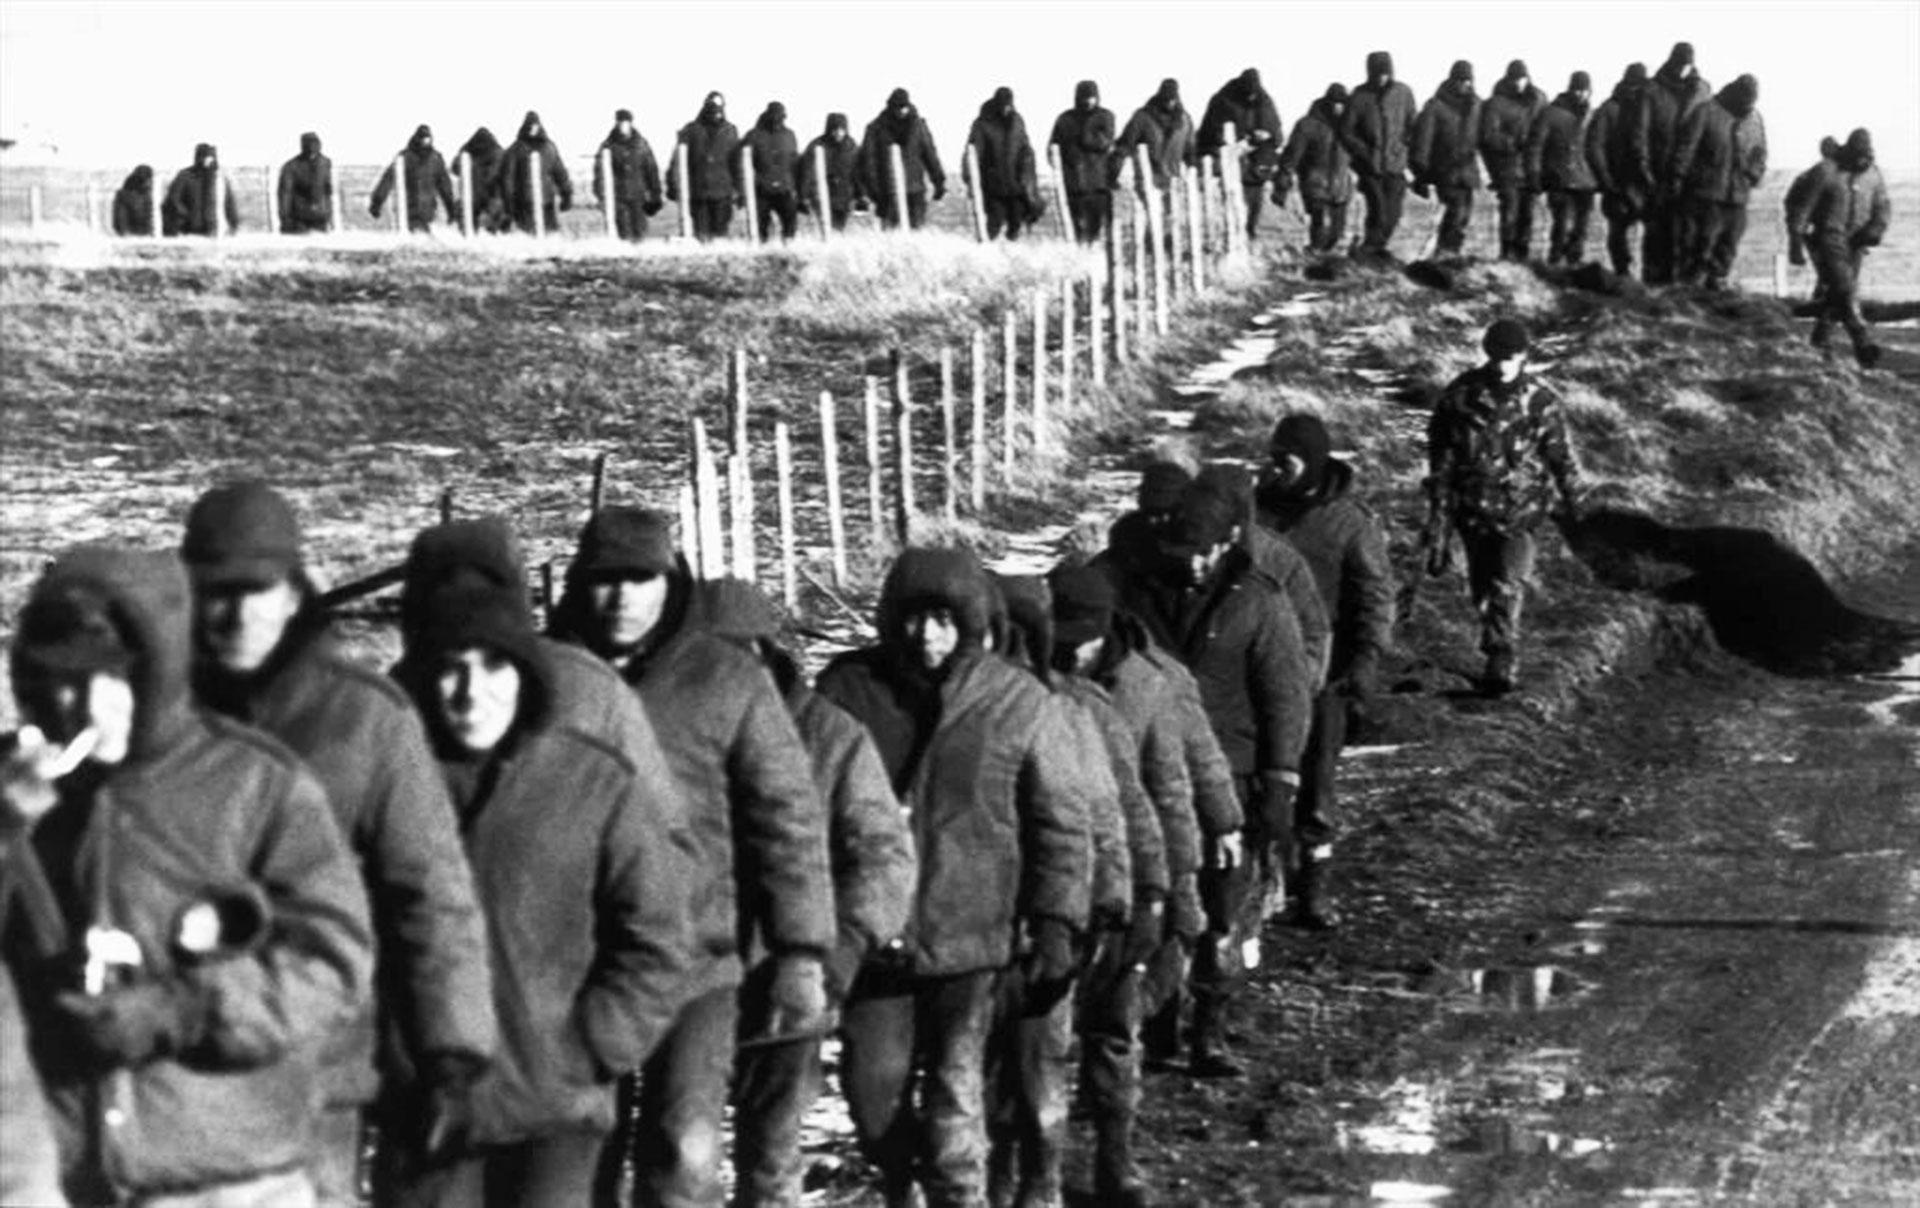 Prisioneros marchan hacia Puerto Argentino. El avance británico desde el Oeste obligó a los argentinos a reorientar sus defensas, construidas bajo la expectativa de un ataque desde el Norte